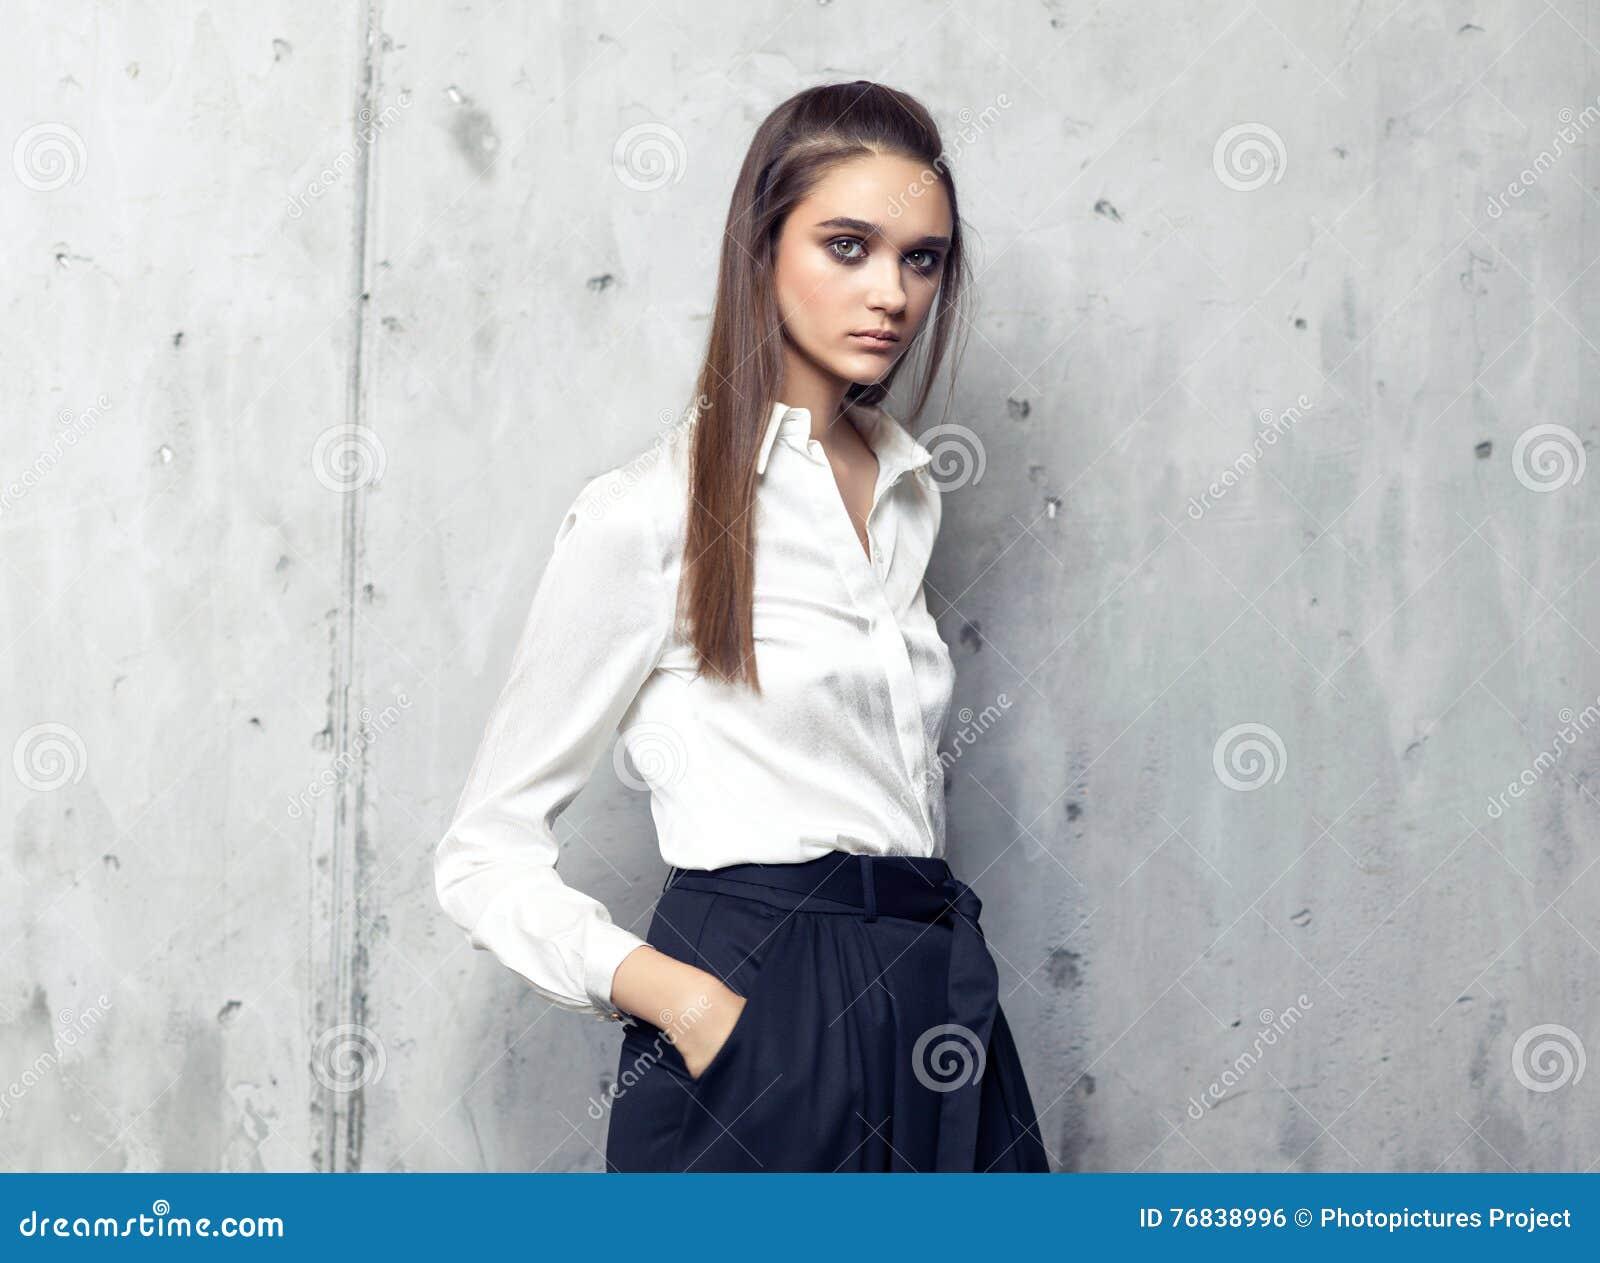 nuovo prodotto 3febd a91a1 Camicia Bianca D'uso Del Modello Di Moda E Gonna Nera Lunga ...